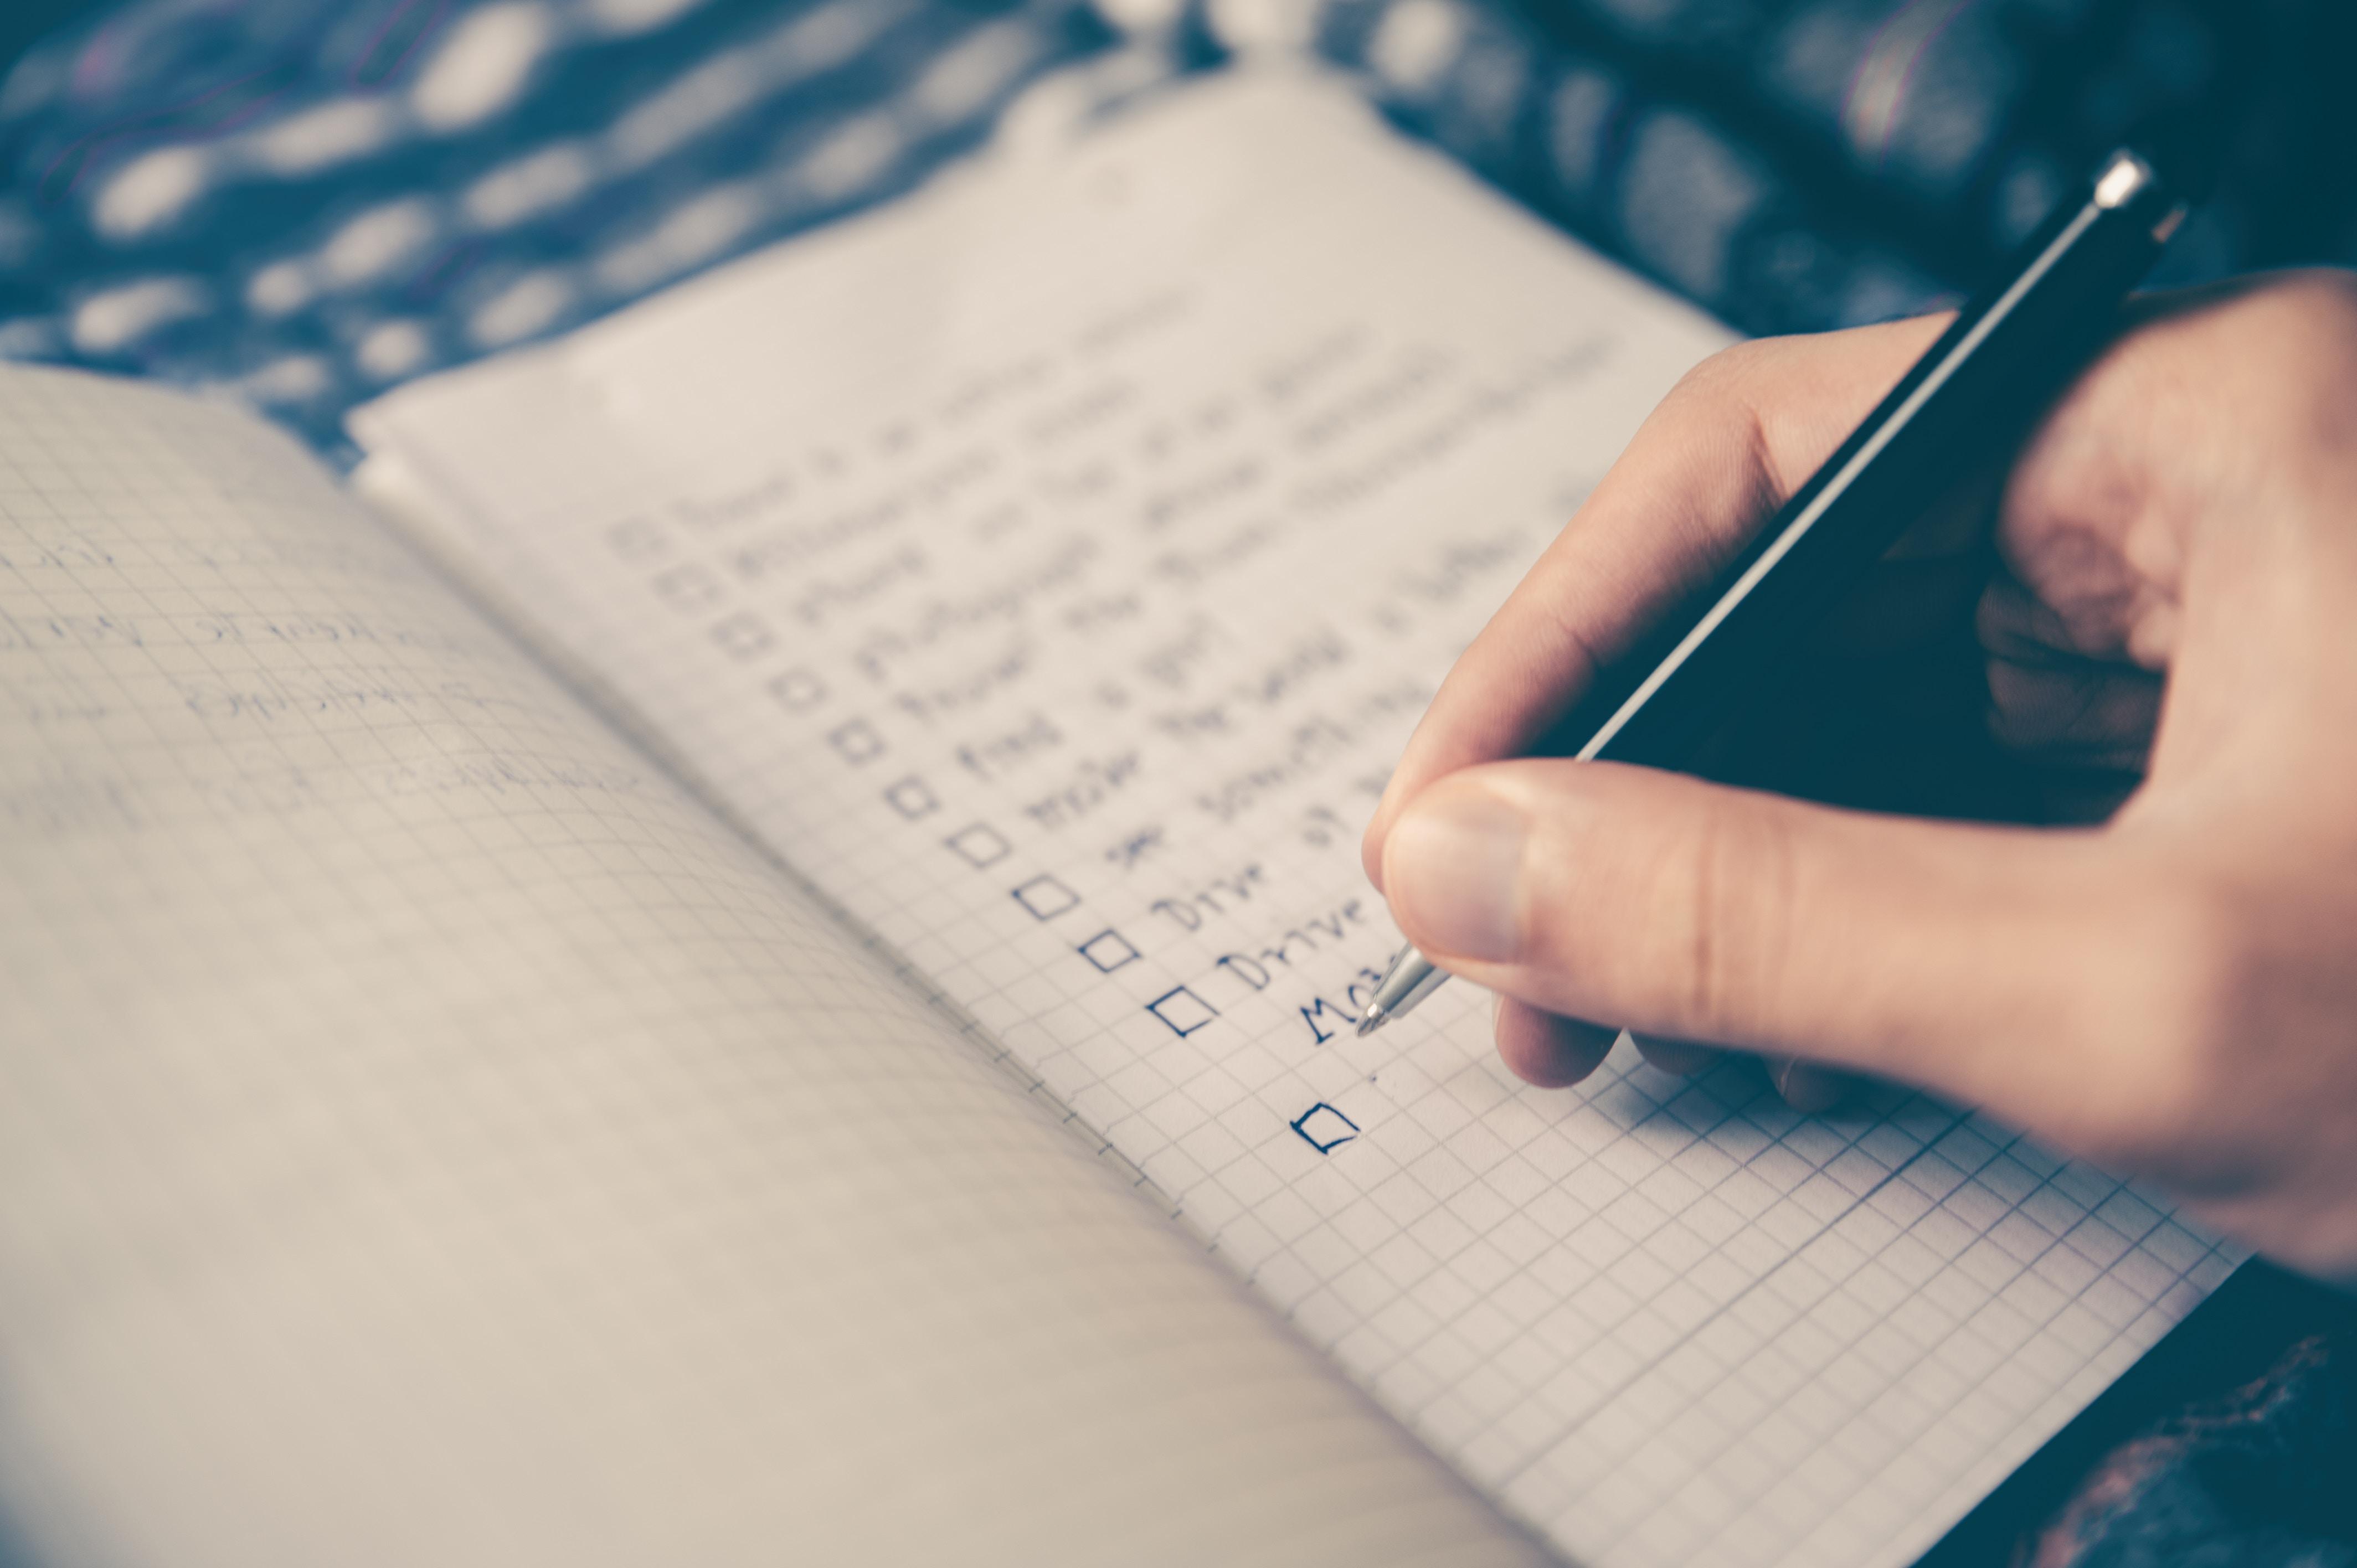 Checklist de prioridades